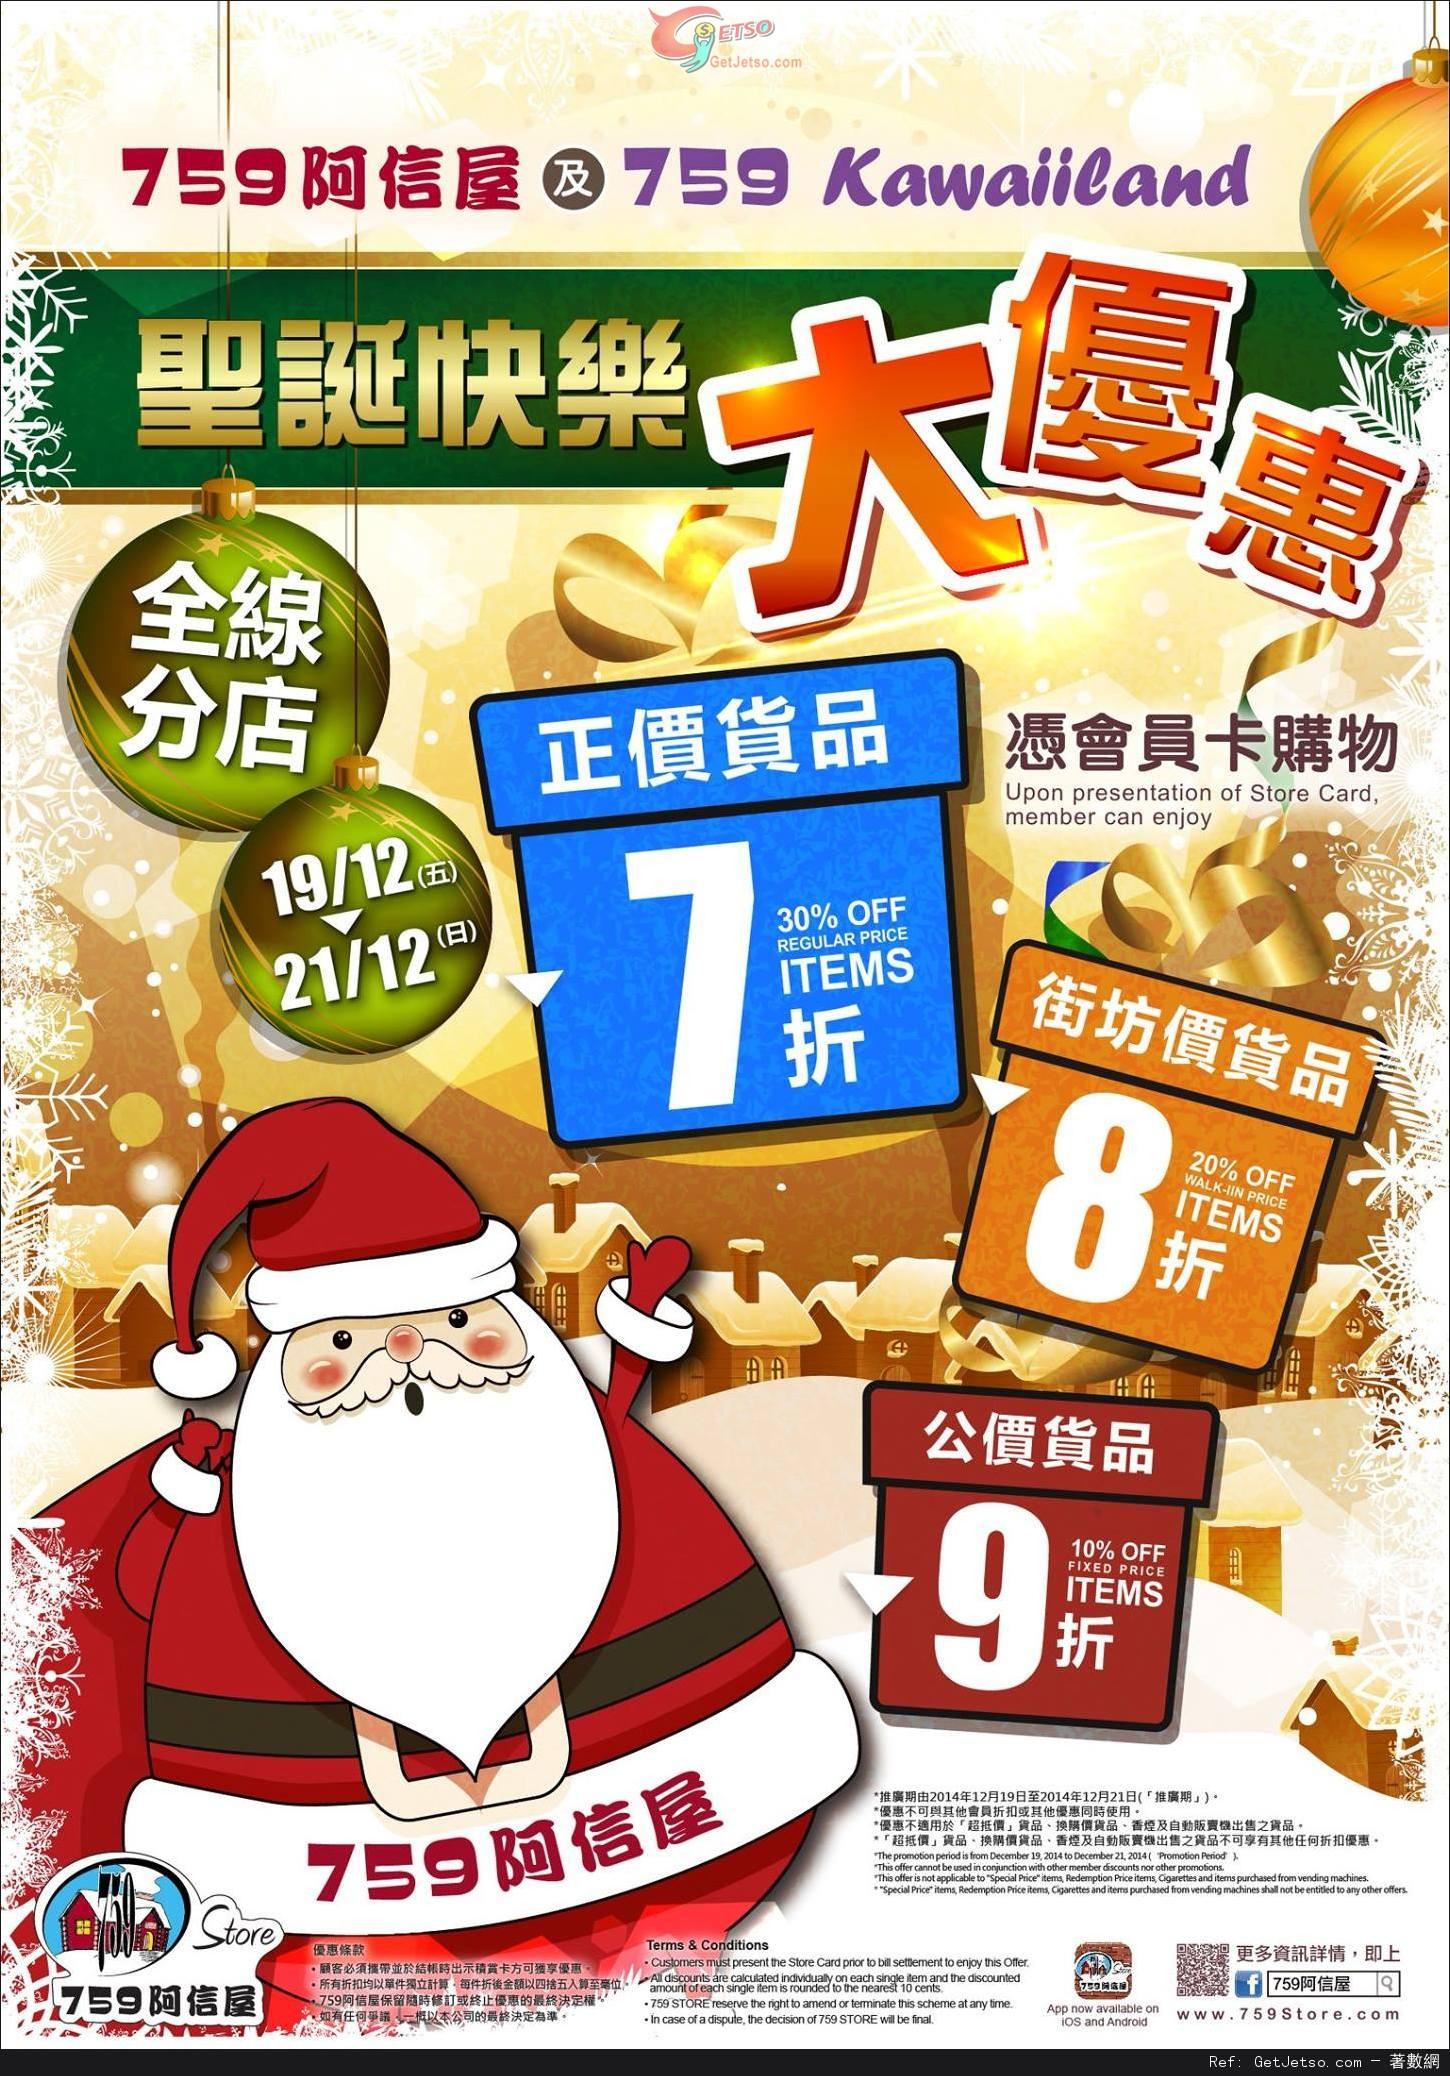 759 阿信屋/759 Kawaiiland 聖誕全線正價貨品7折優惠(至14年12月21日)圖片1